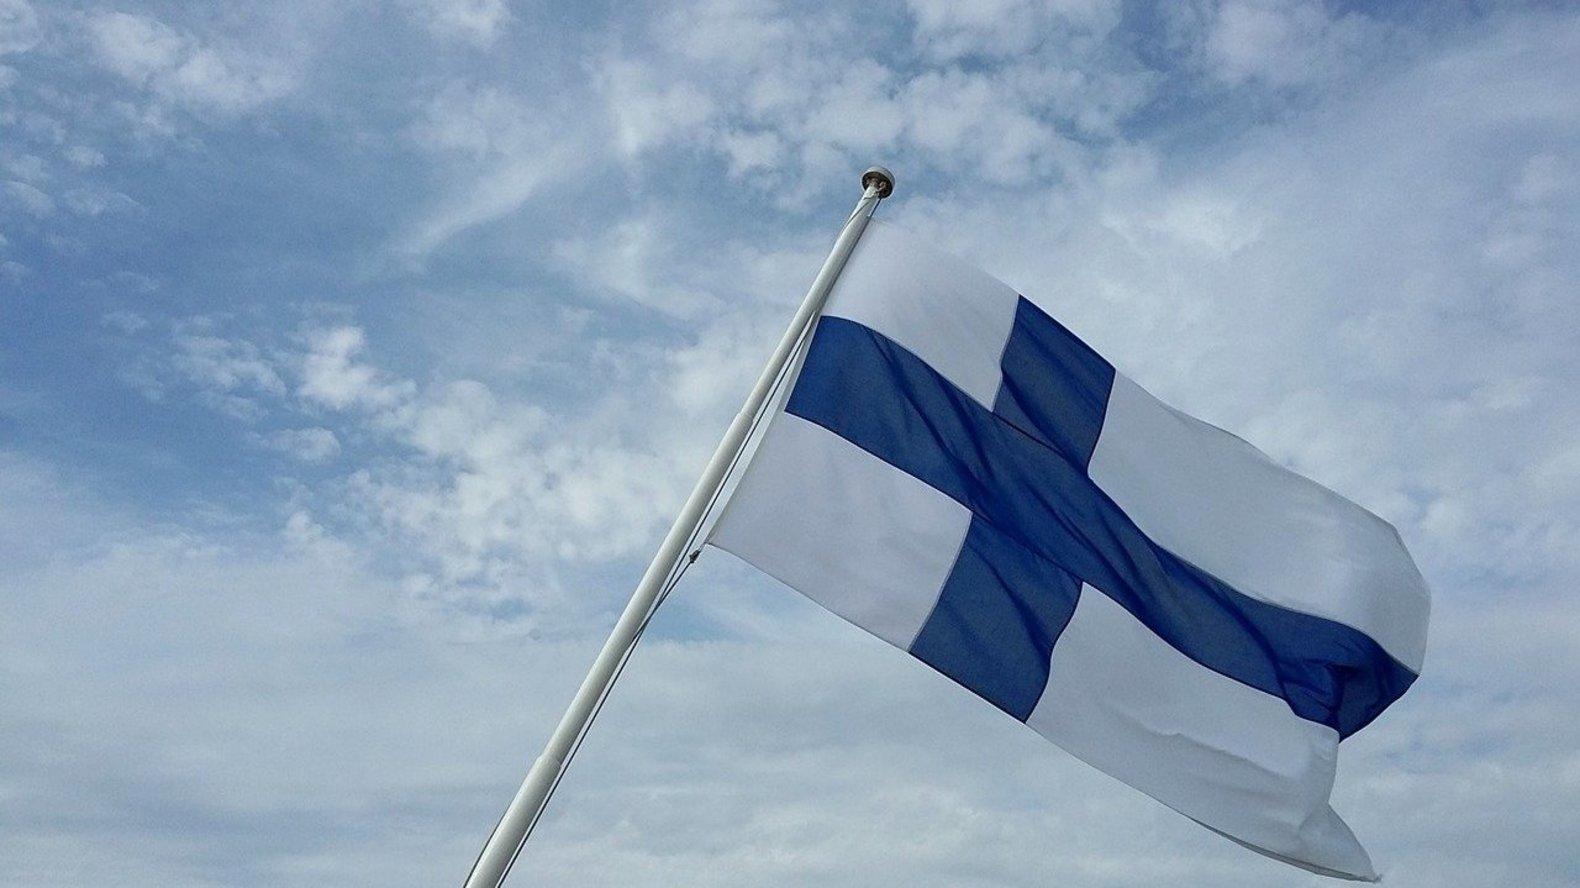 芬兰当局计划出售价值超过7000万美元的扣押比特币